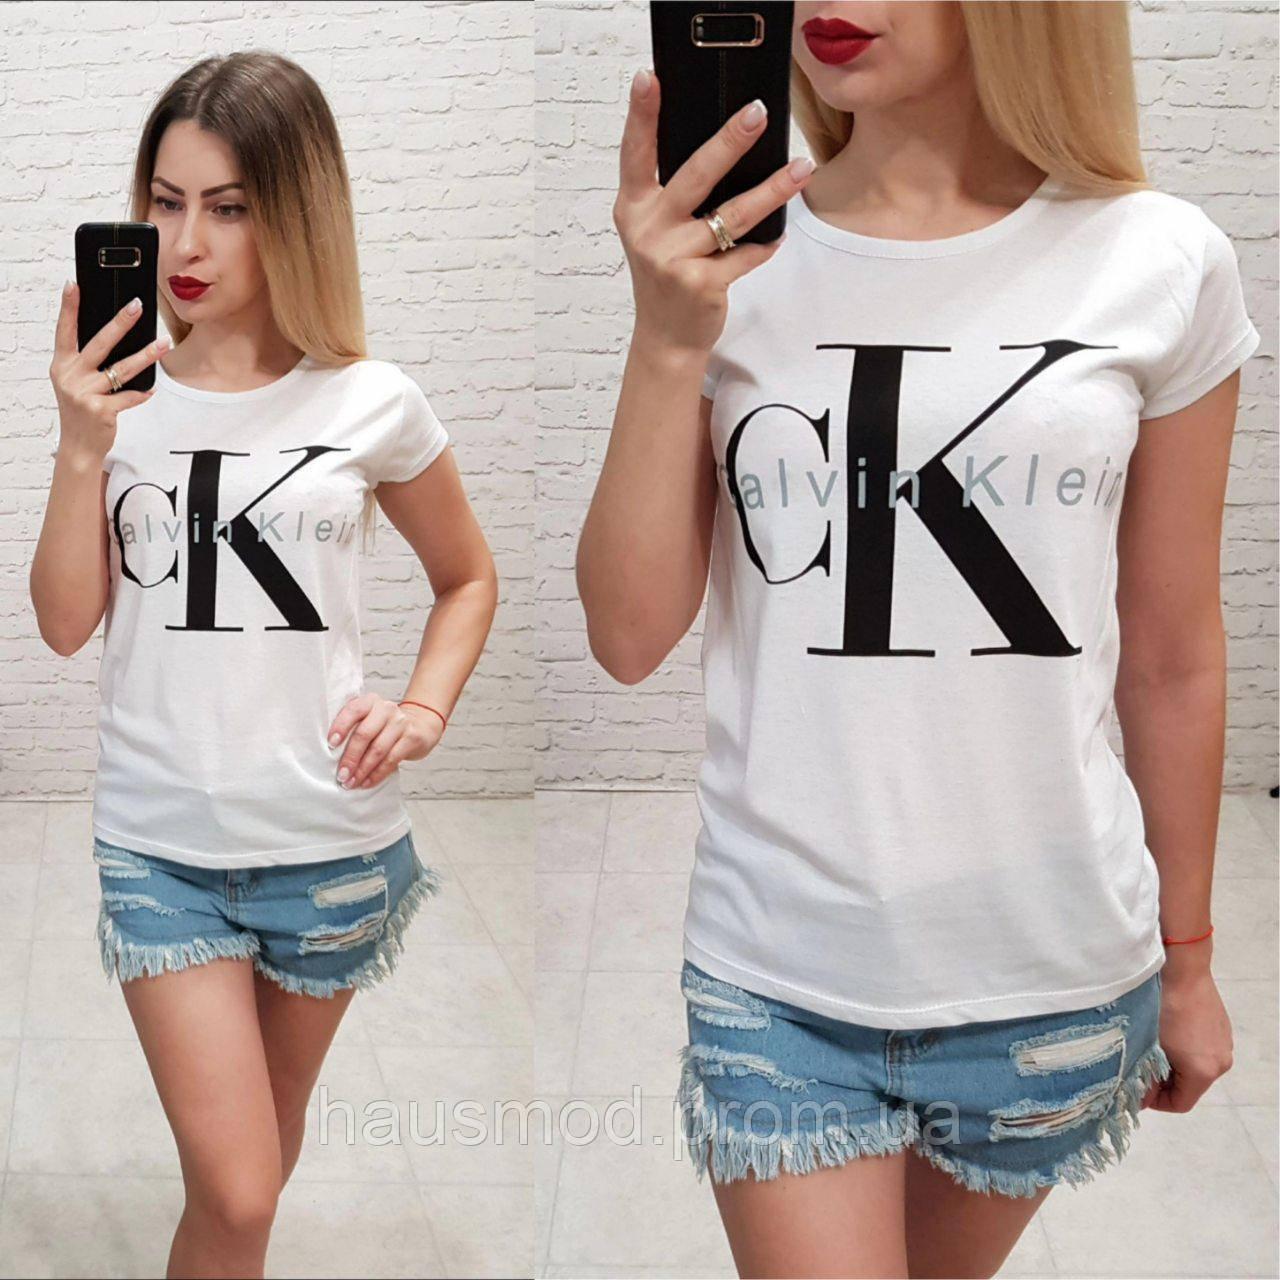 10a417033f439 Женская стильная летняя футболка 100% катон реплика Calvin Klein Турция  серая, цена 170 грн., купить в Одессе — Prom.ua (ID#898550787)